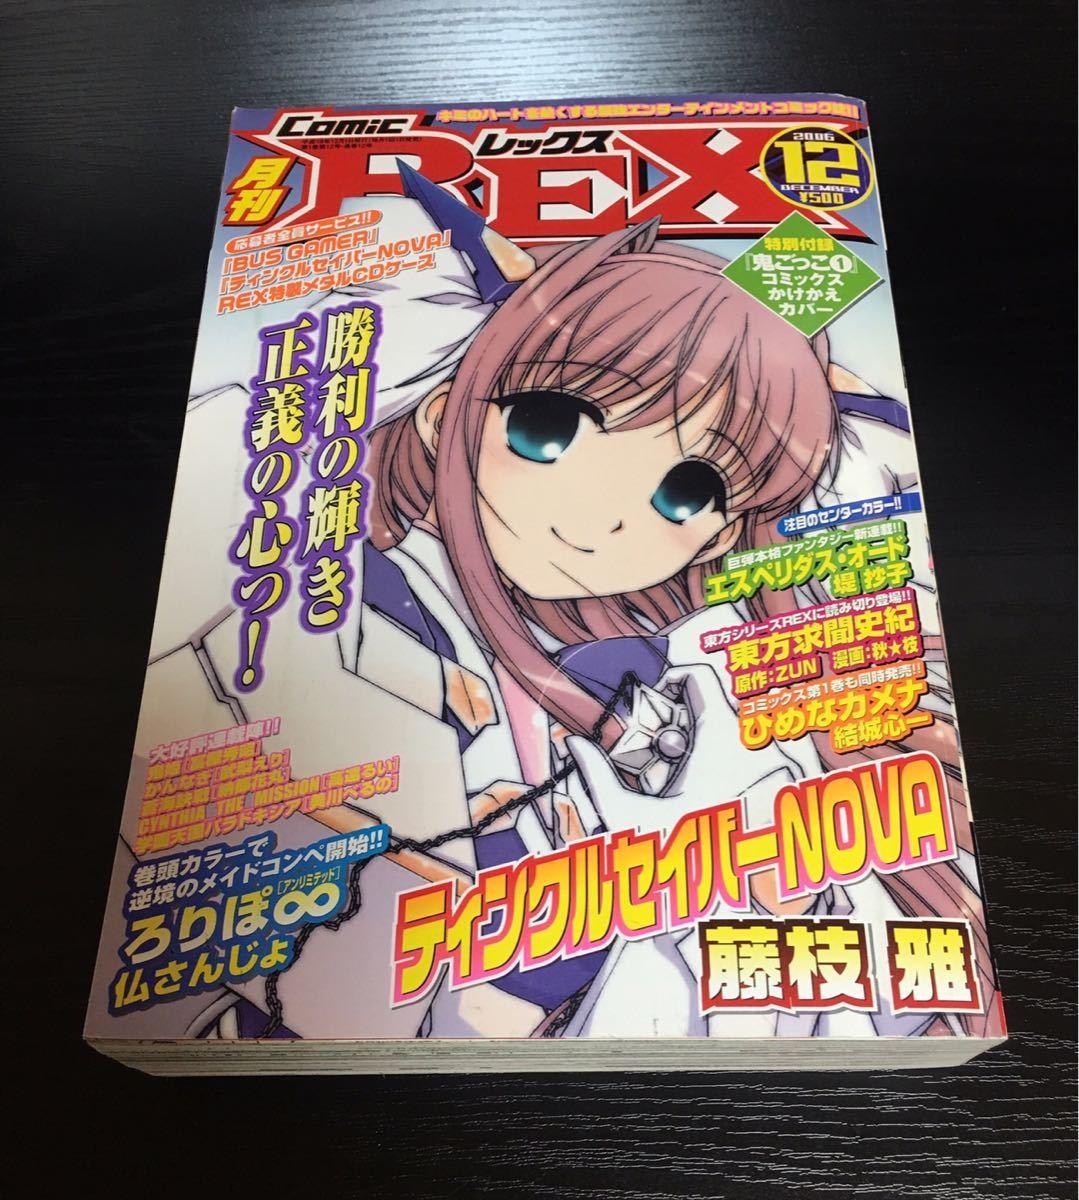 月刊 Comic REX(コミック レックス) 2006年12月号 付録付 東方求聞史紀 東方project レア_画像1